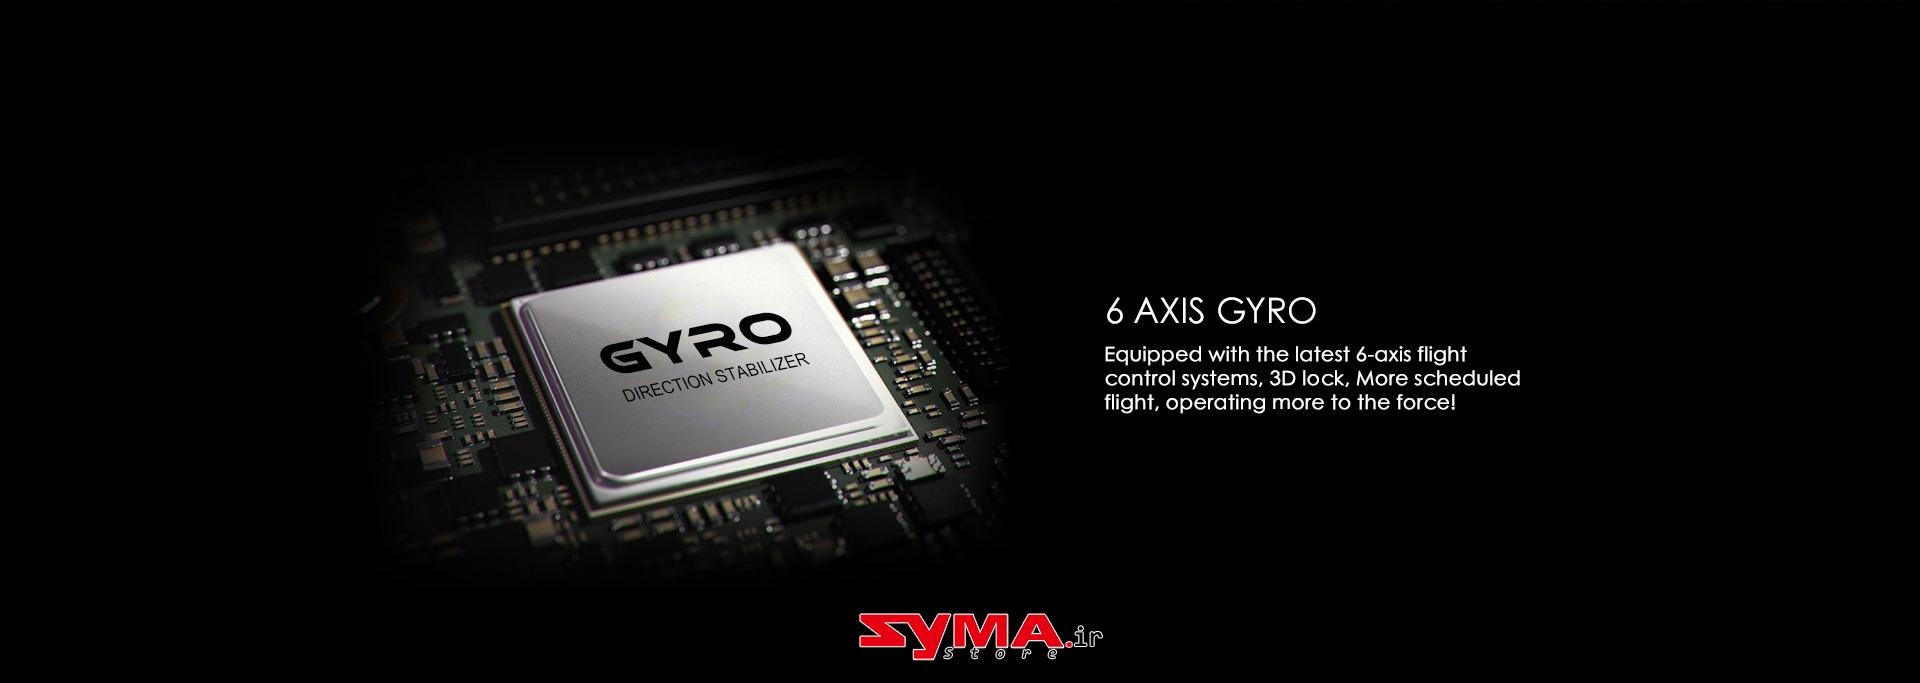 SYMA-X54HW-6-AXIS-GYRO